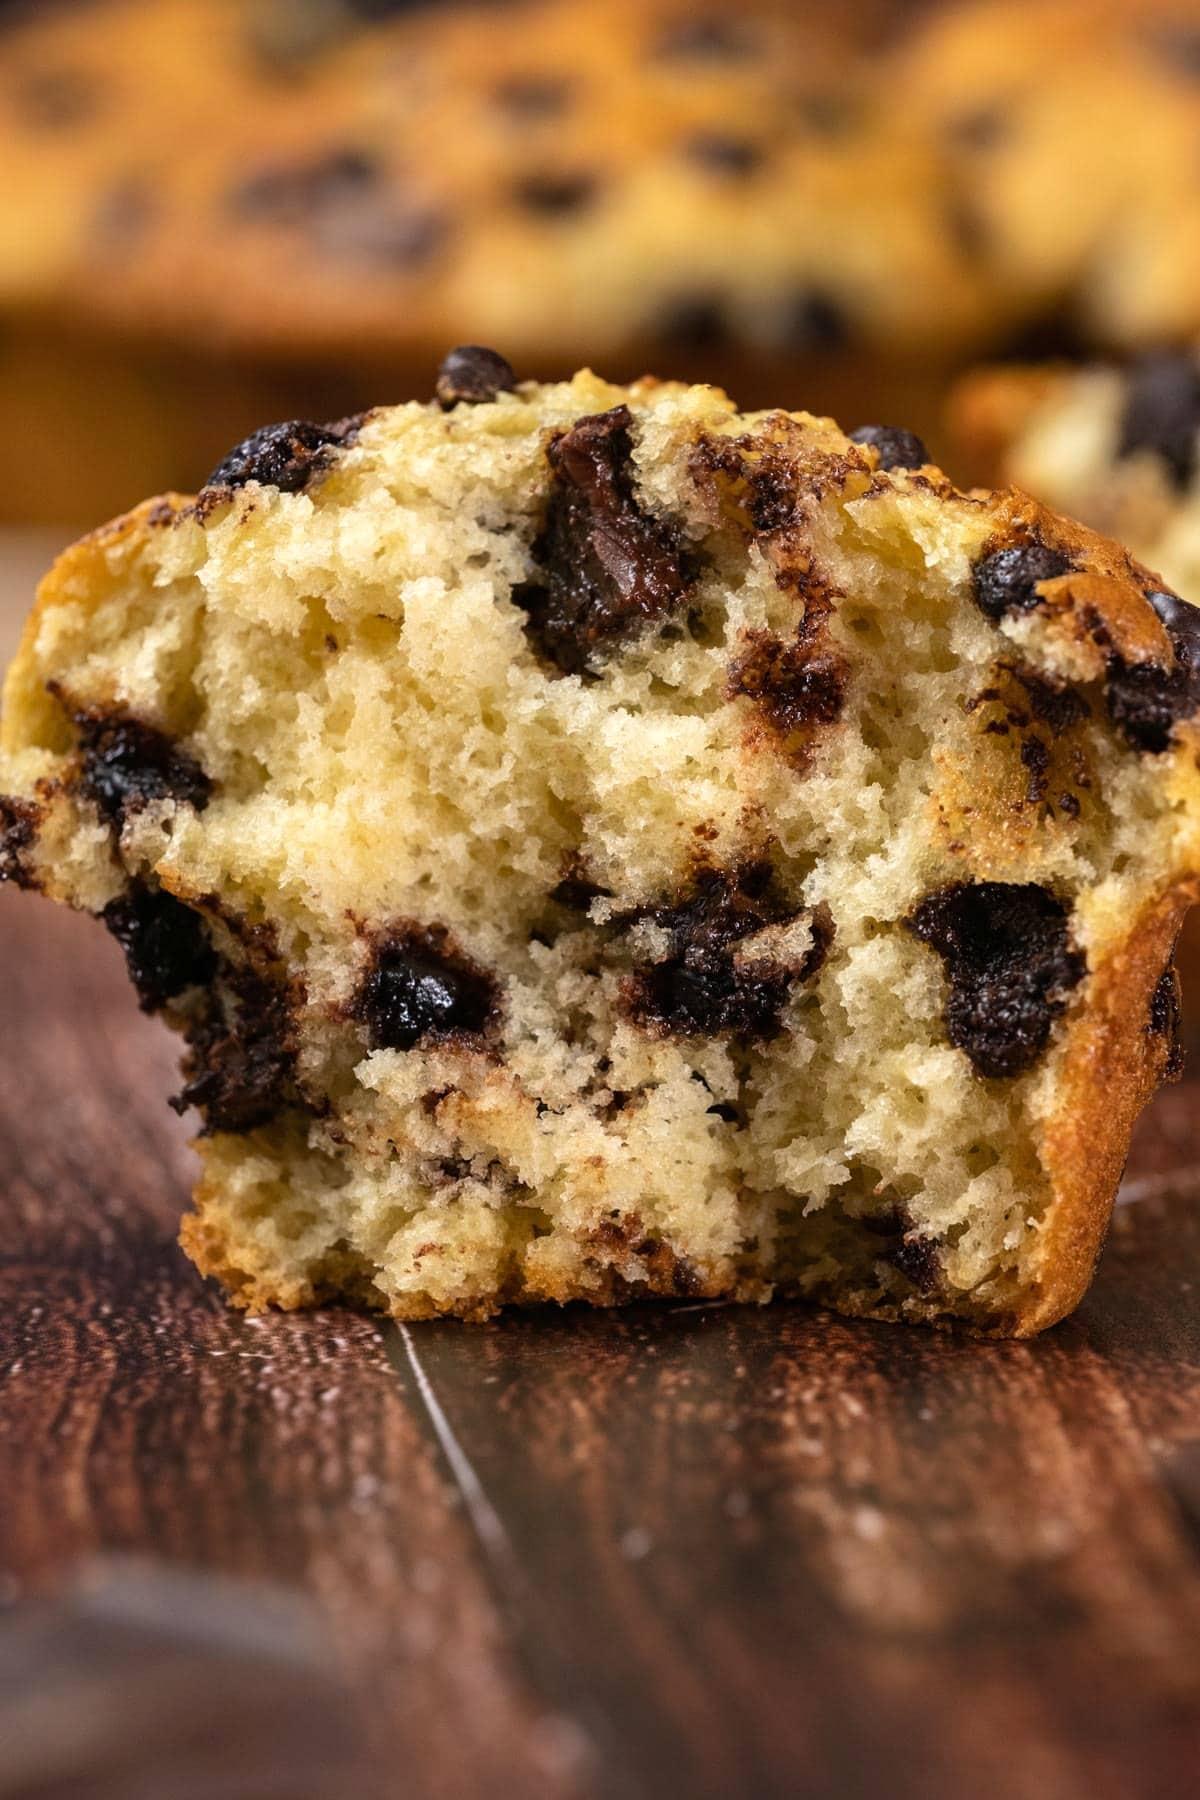 Chocolate chip muffin broken in half.